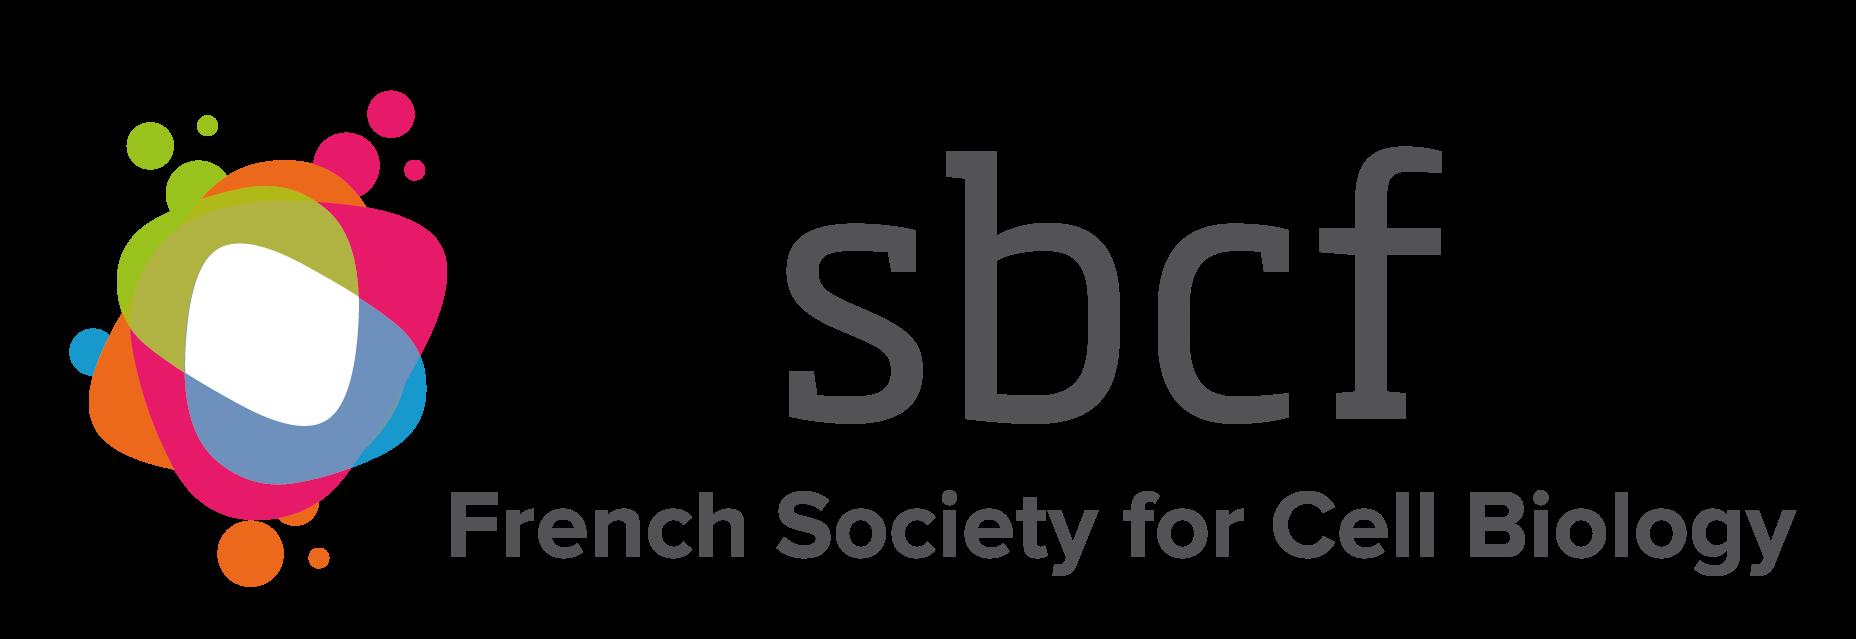 sbcf2